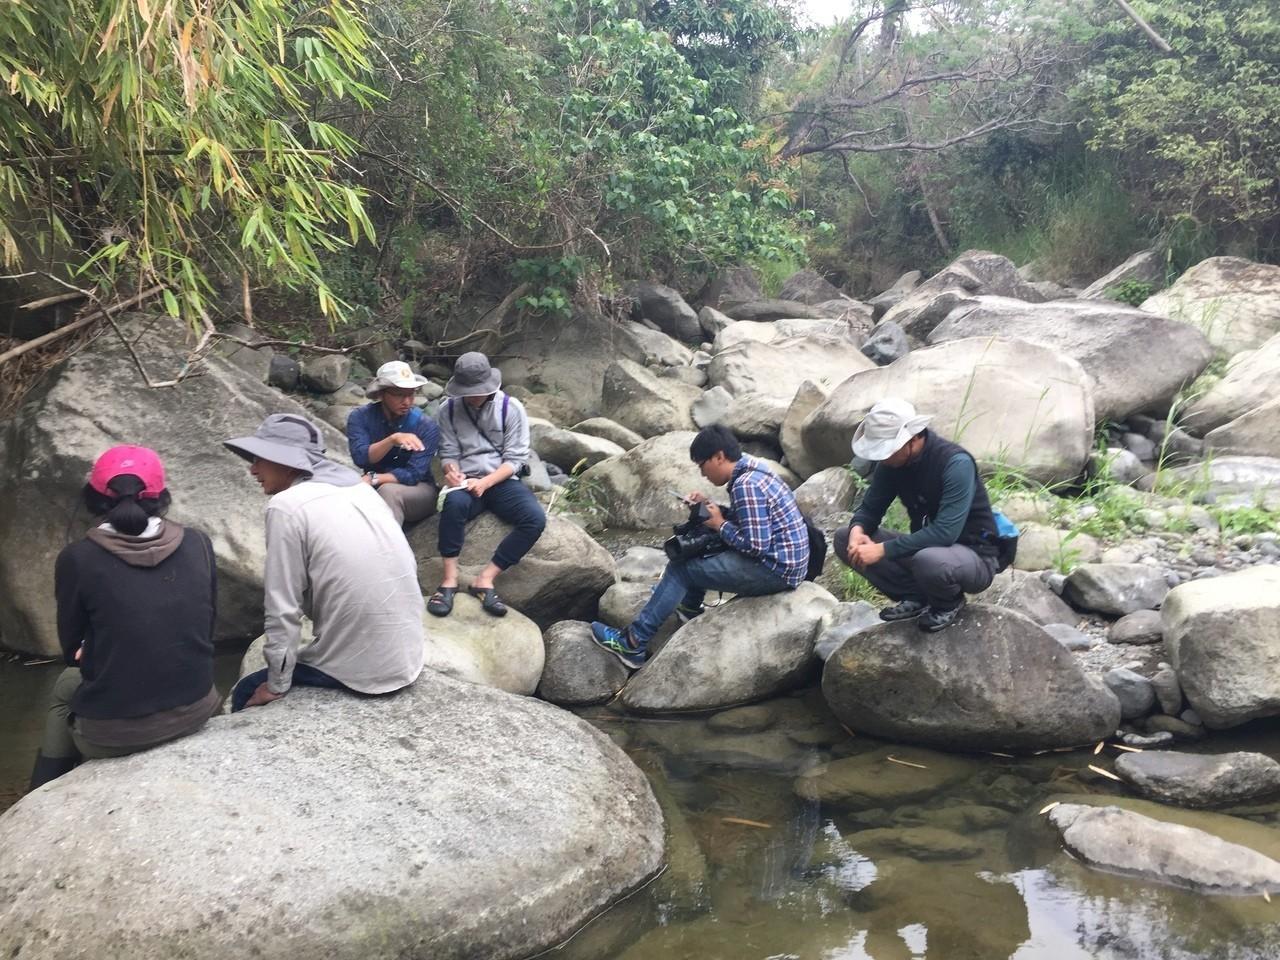 常常就坐在野溪旁採訪錄影,從生態、構造物邊走邊看,討論其中問題。記者郭政芬/攝影